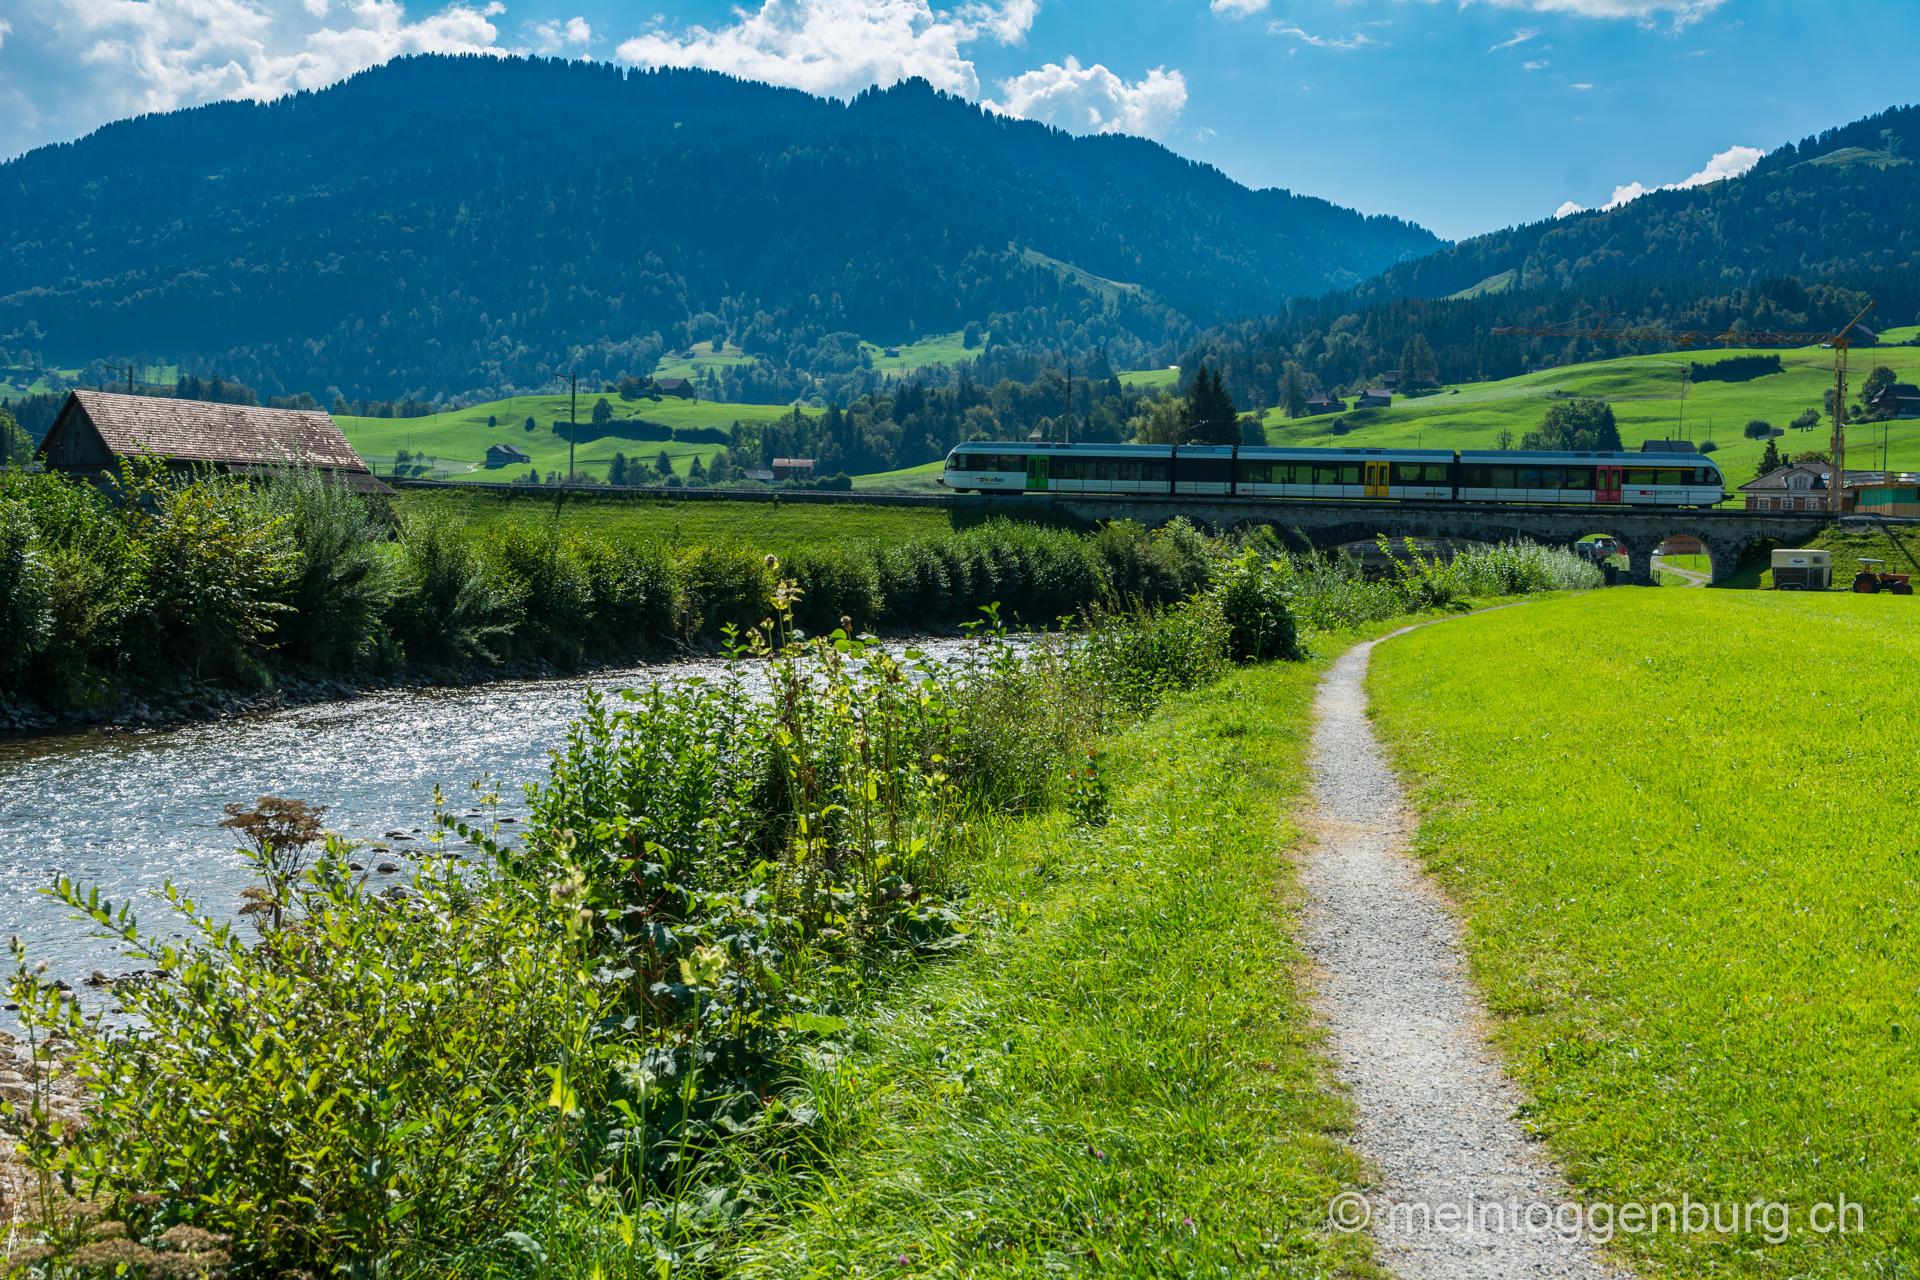 Thurweg von Stein nach Ebnat-Kappel